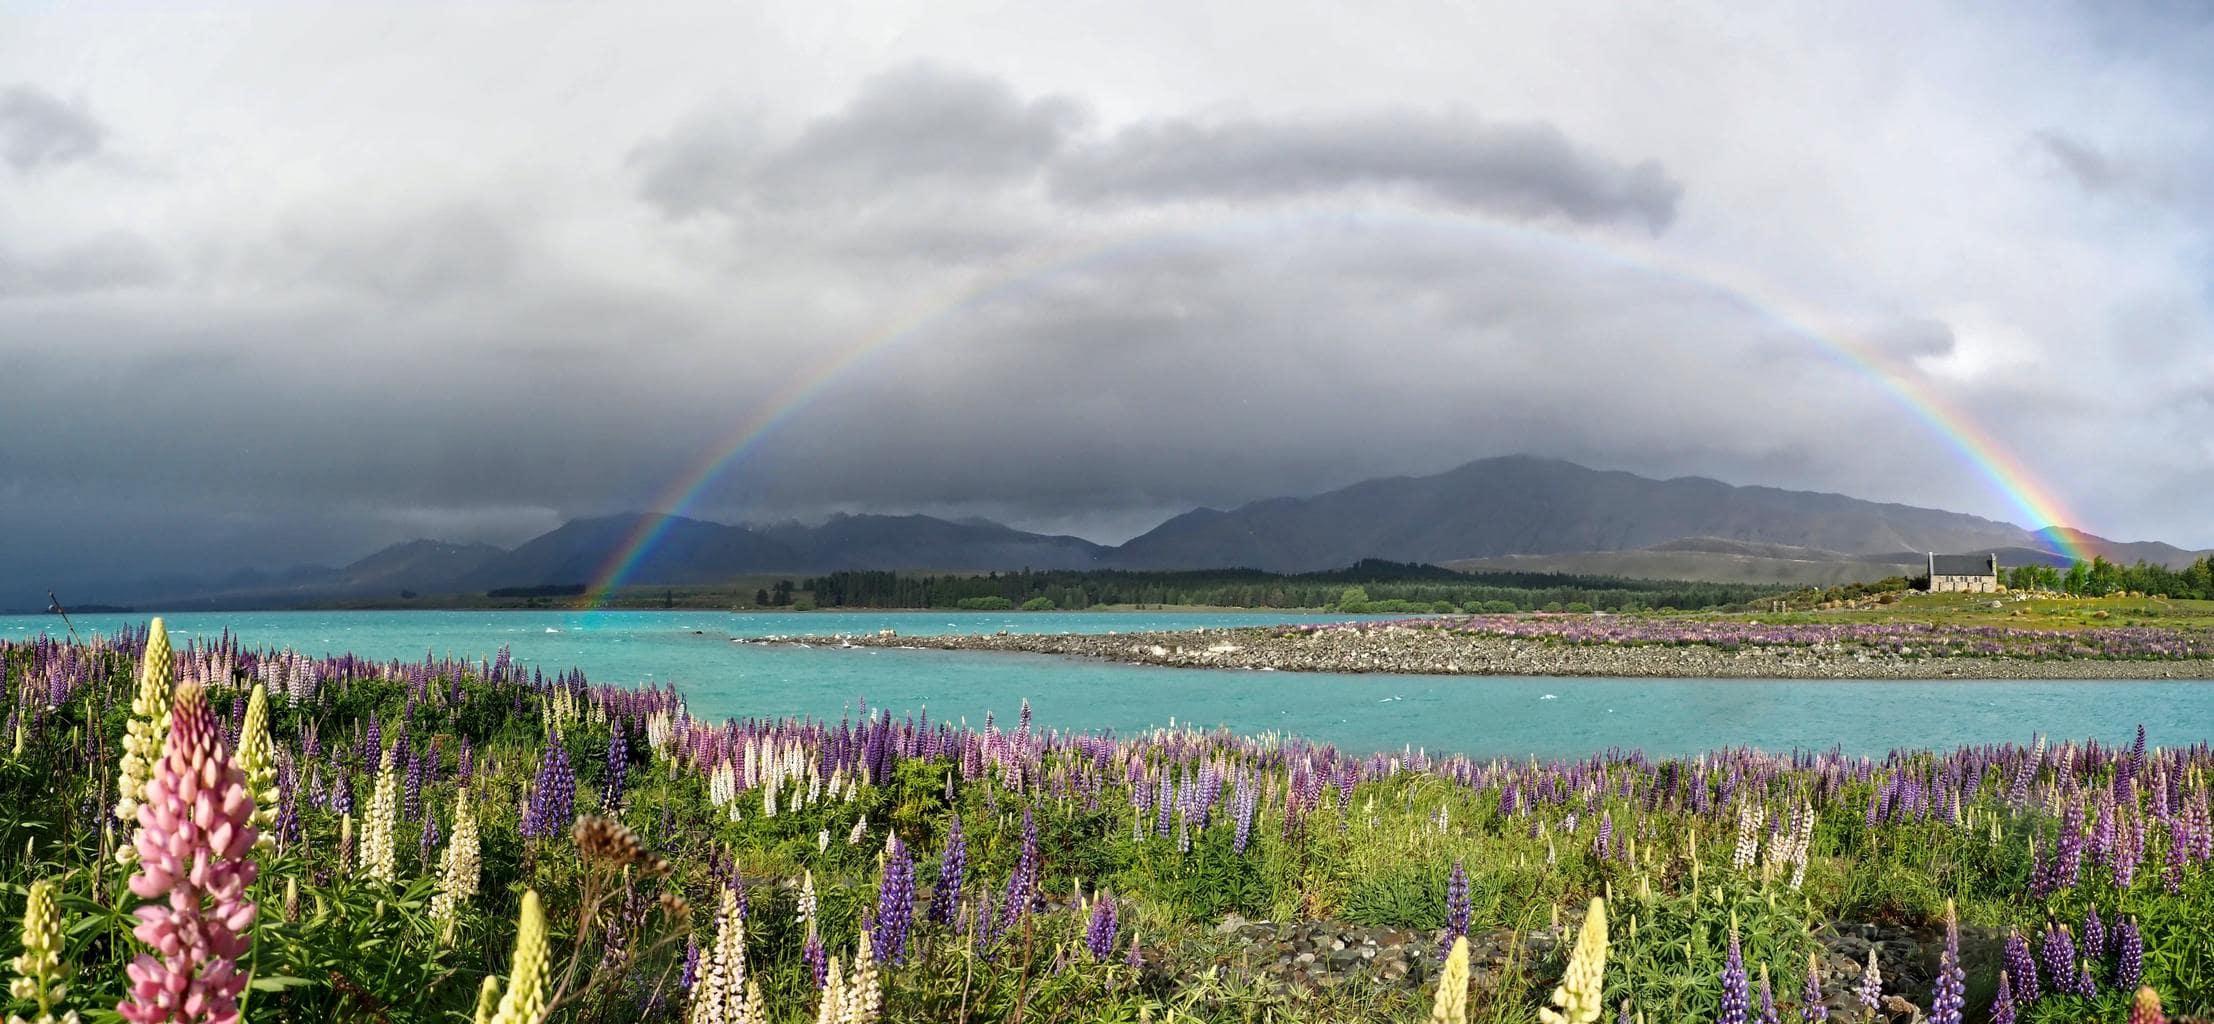 Paisaje con arcoíris y con una composición interesante en cielo y tierra